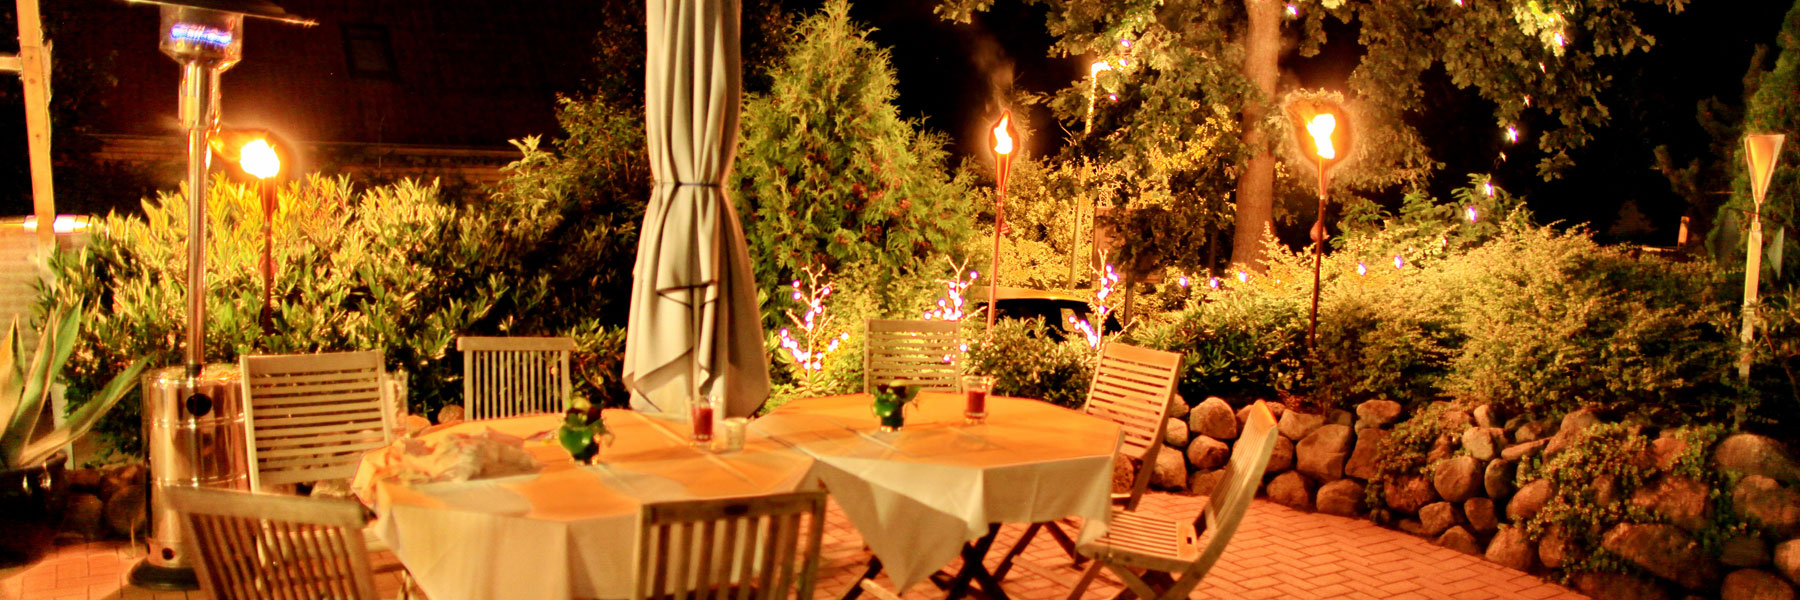 Abendstimmung - Kur- und Landhotel Borstel-Treff